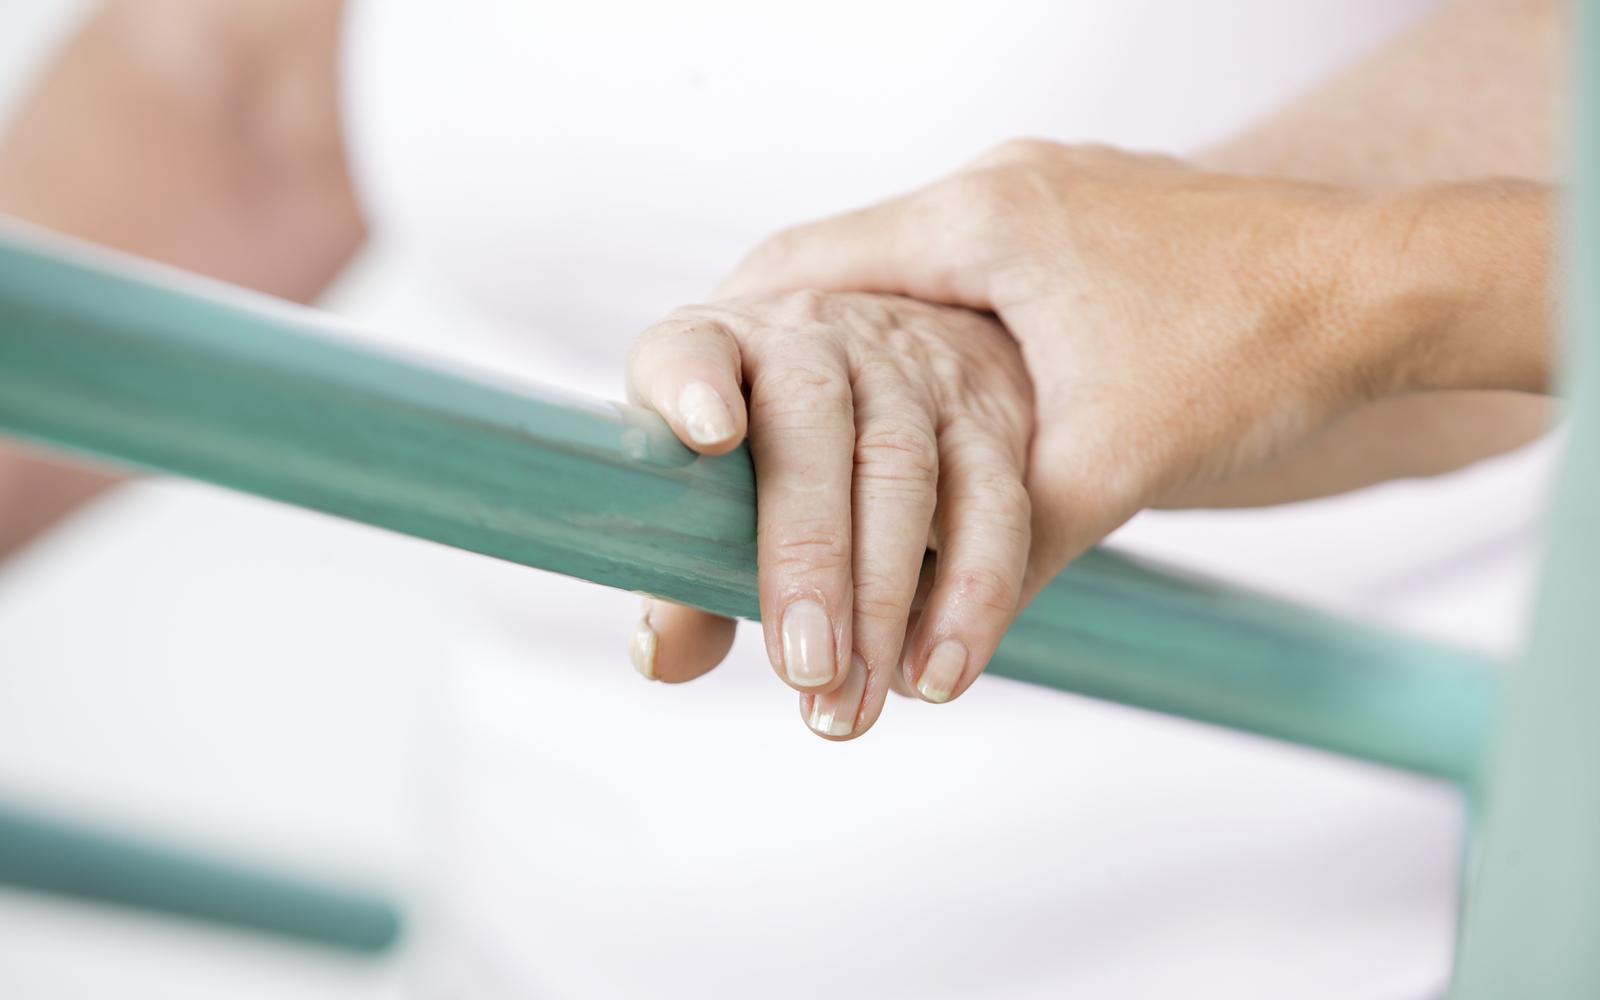 Die Anwendung Physiotherapie von Physio Hassenpflug aus Viersen.